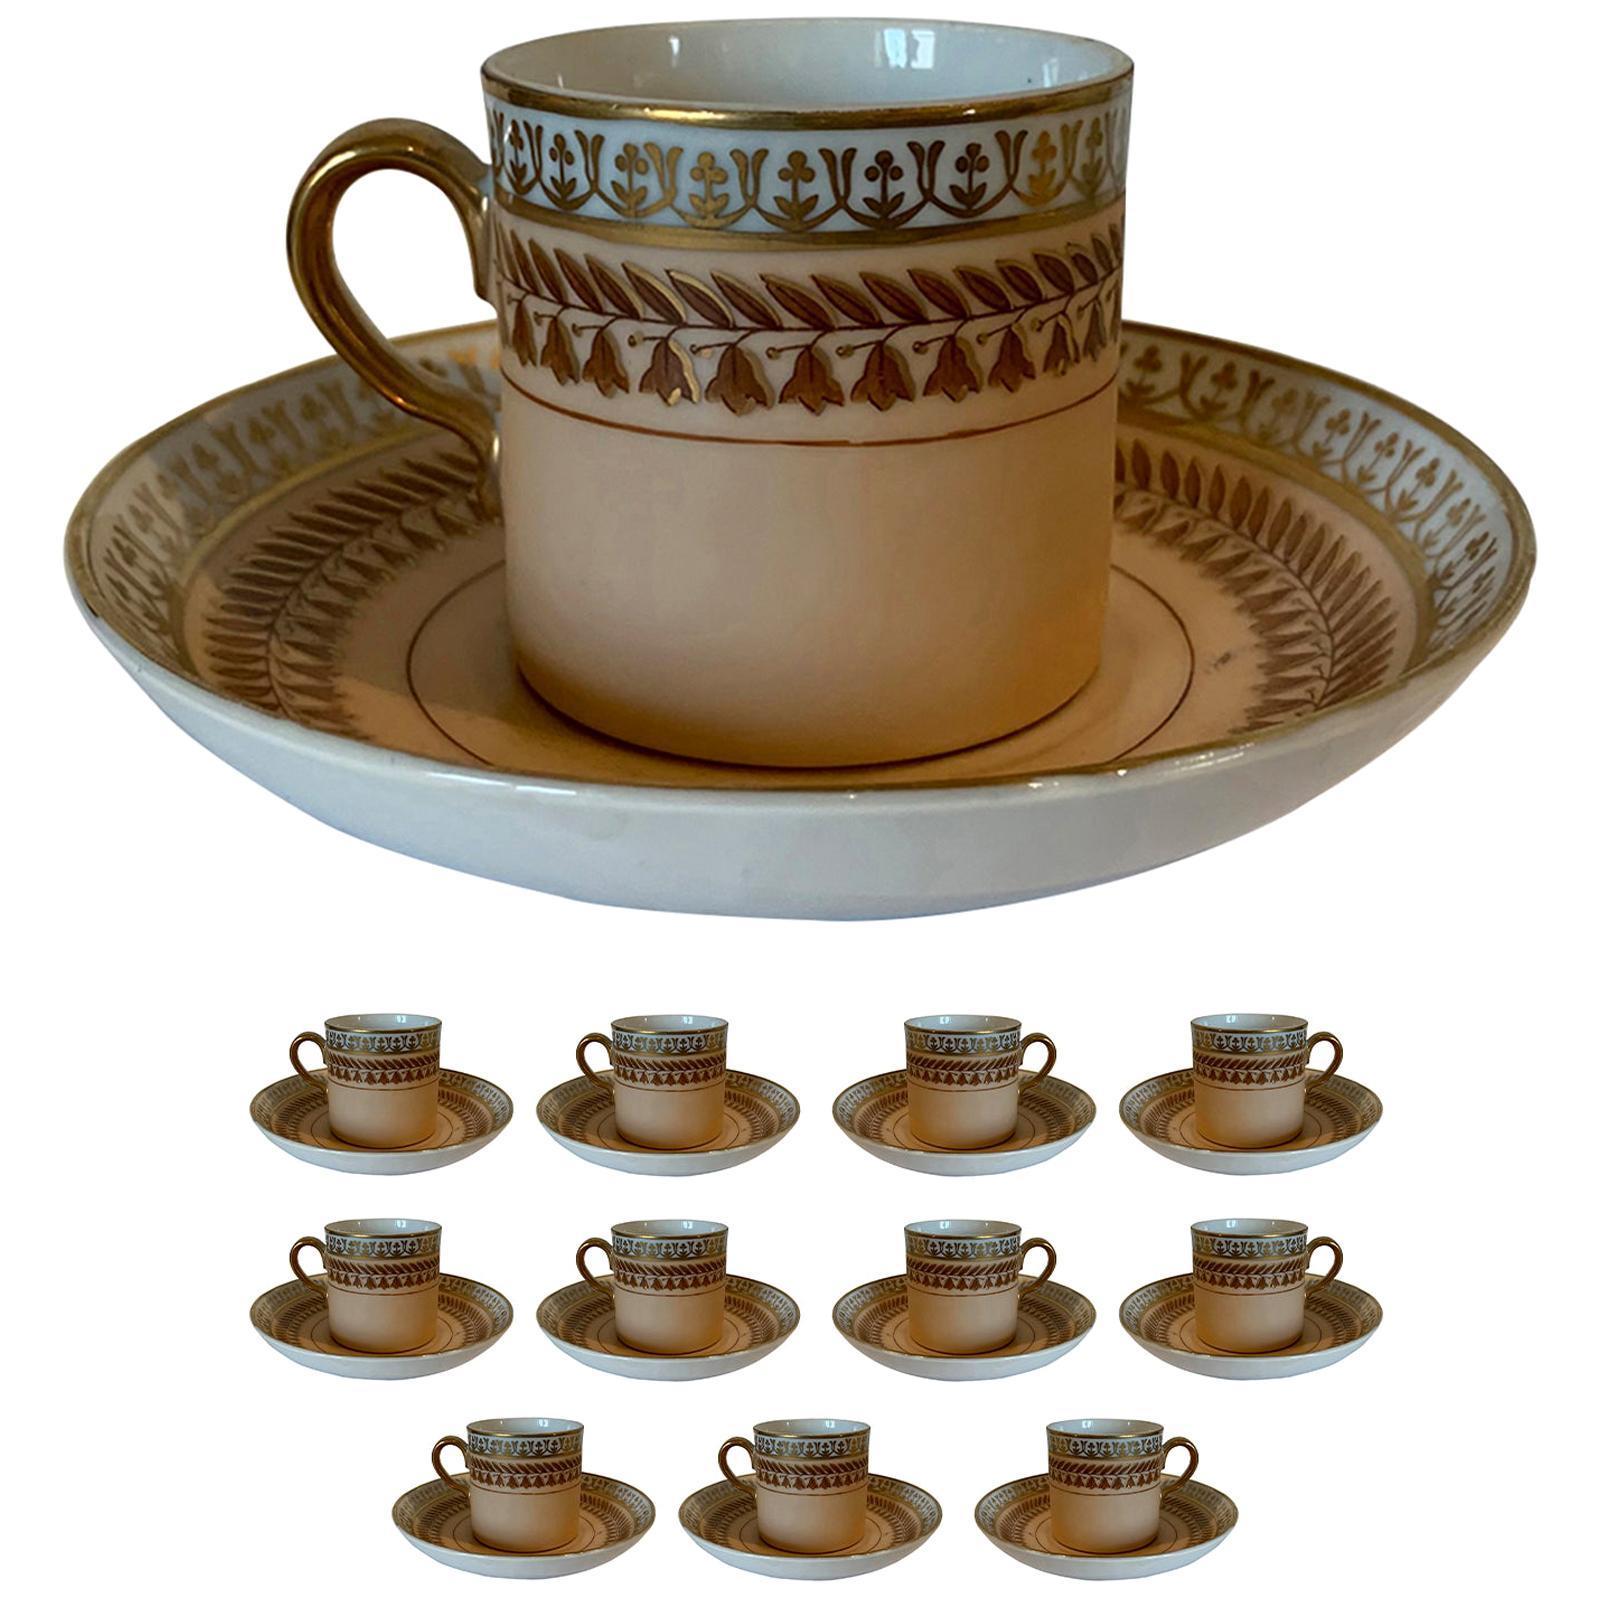 Set of 12 Old Paris Demitasse Cups & Saucers, Marked, Possibly Limoges Porcelain